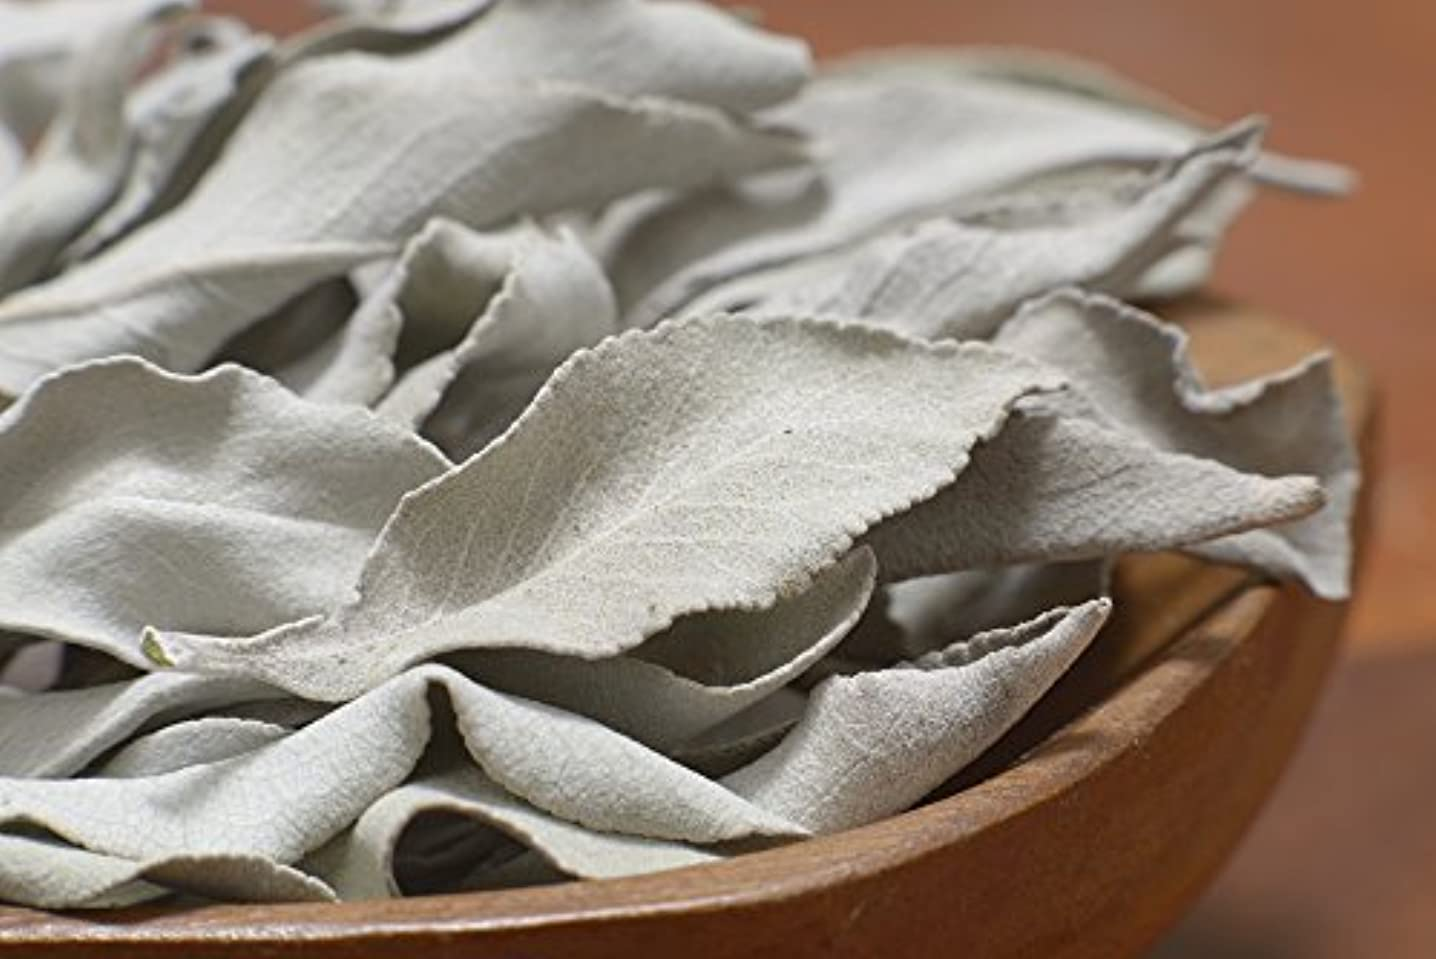 モディッシュどこにもローマ人最高級カリフォルニア産オーガニック ホワイトセージ 50g入り (葉+茎タイプ) 無農薬栽培 浄化用 スマッジング用として